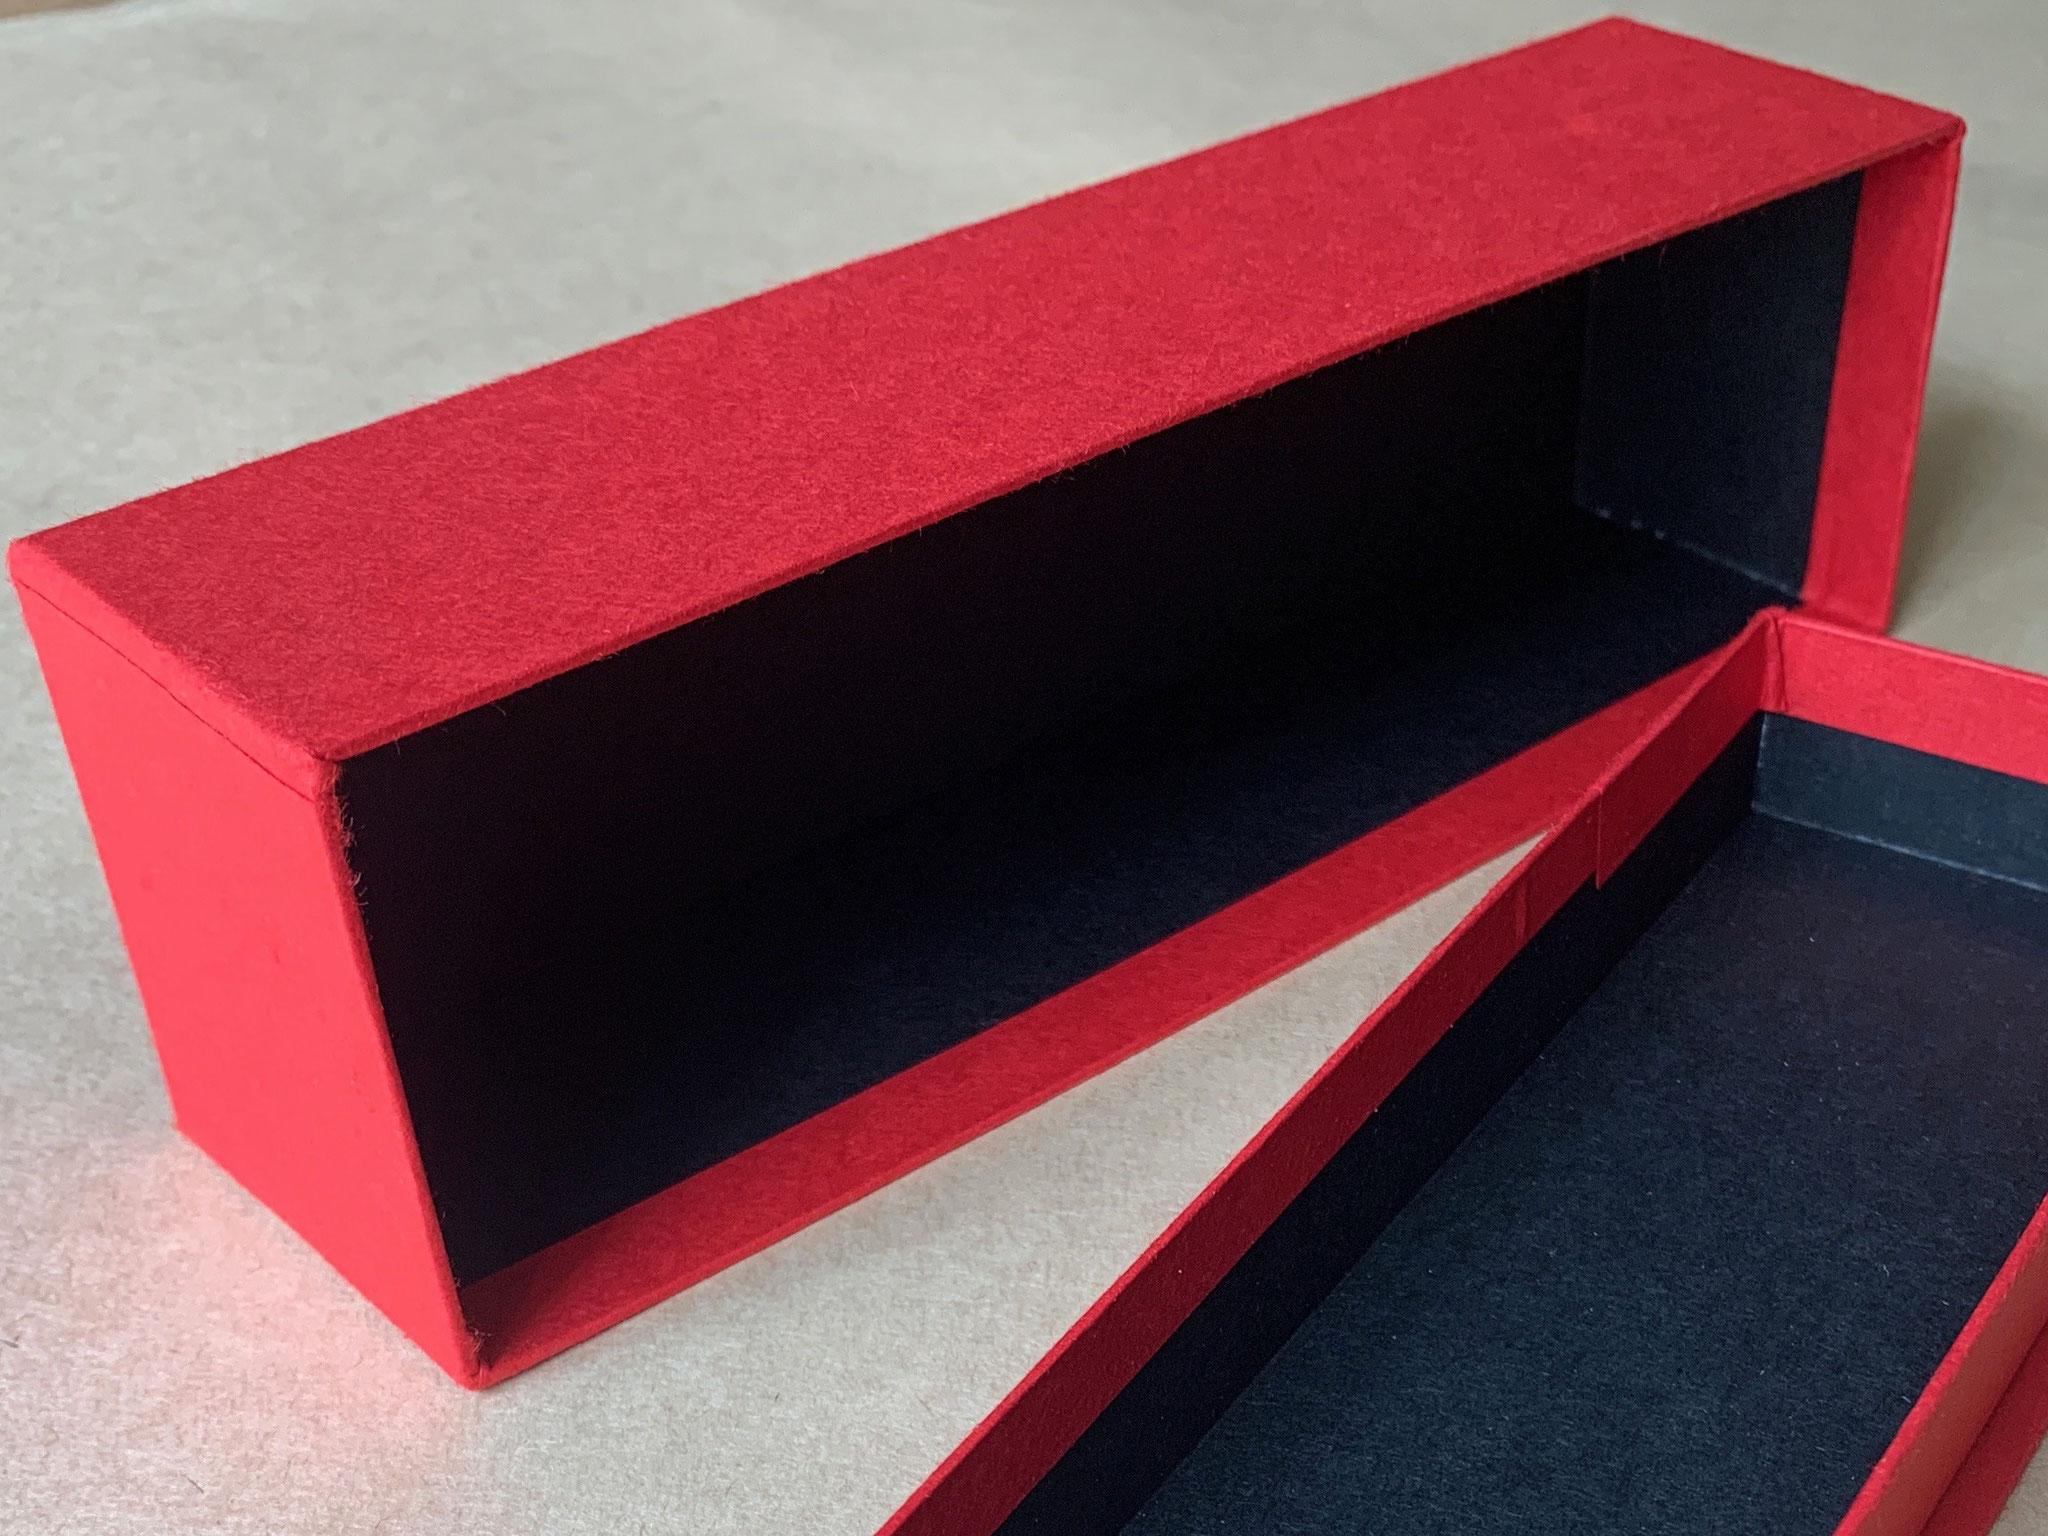 貼り箱の内と外の貼り紙が異なるツートンカラーで仕上げています